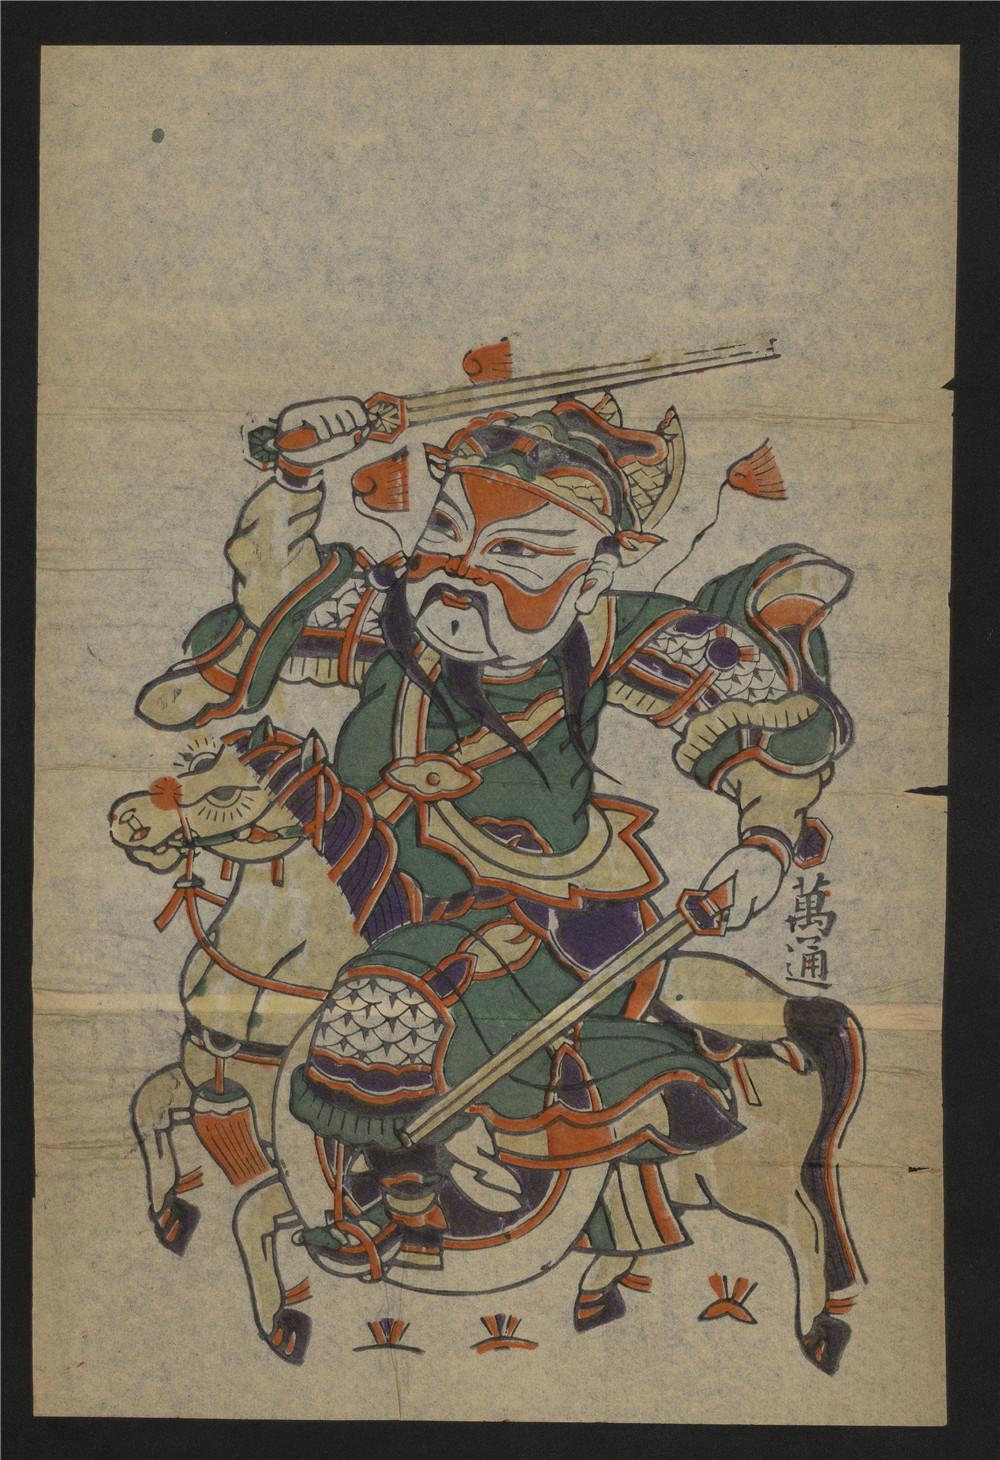 中国民间神谱木版画